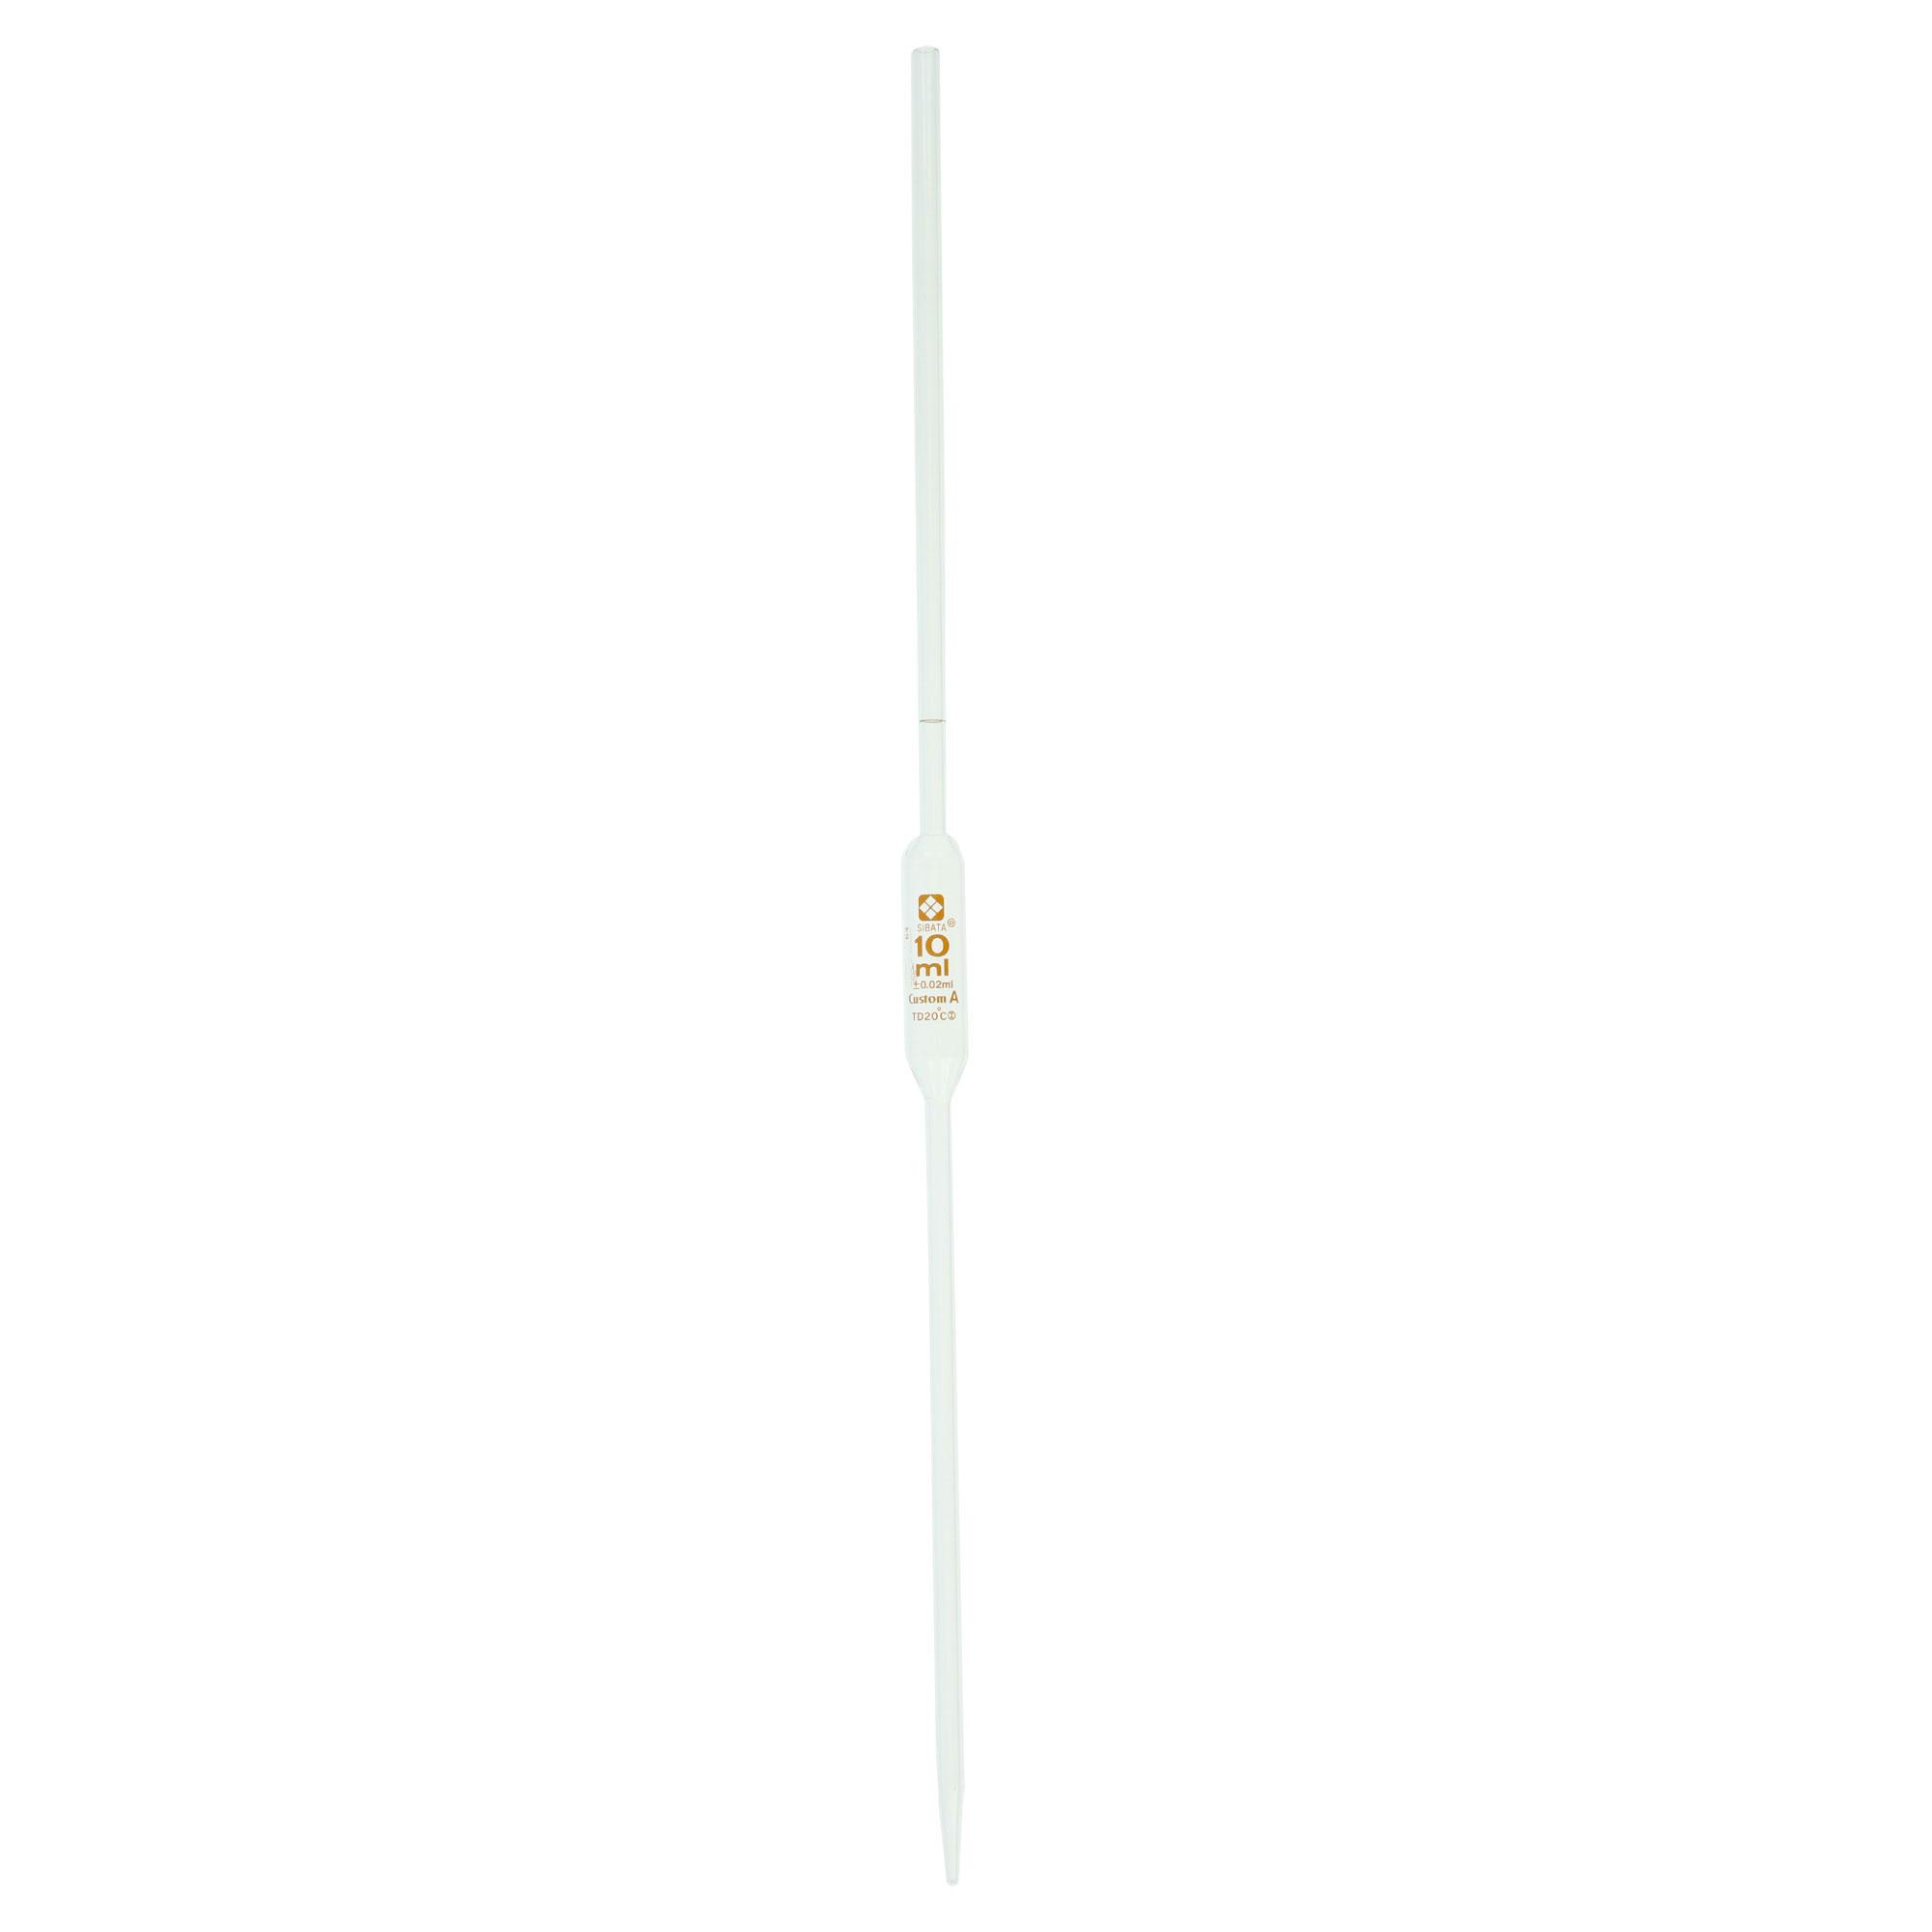 ホールピペット カスタムA 3mL(10本)